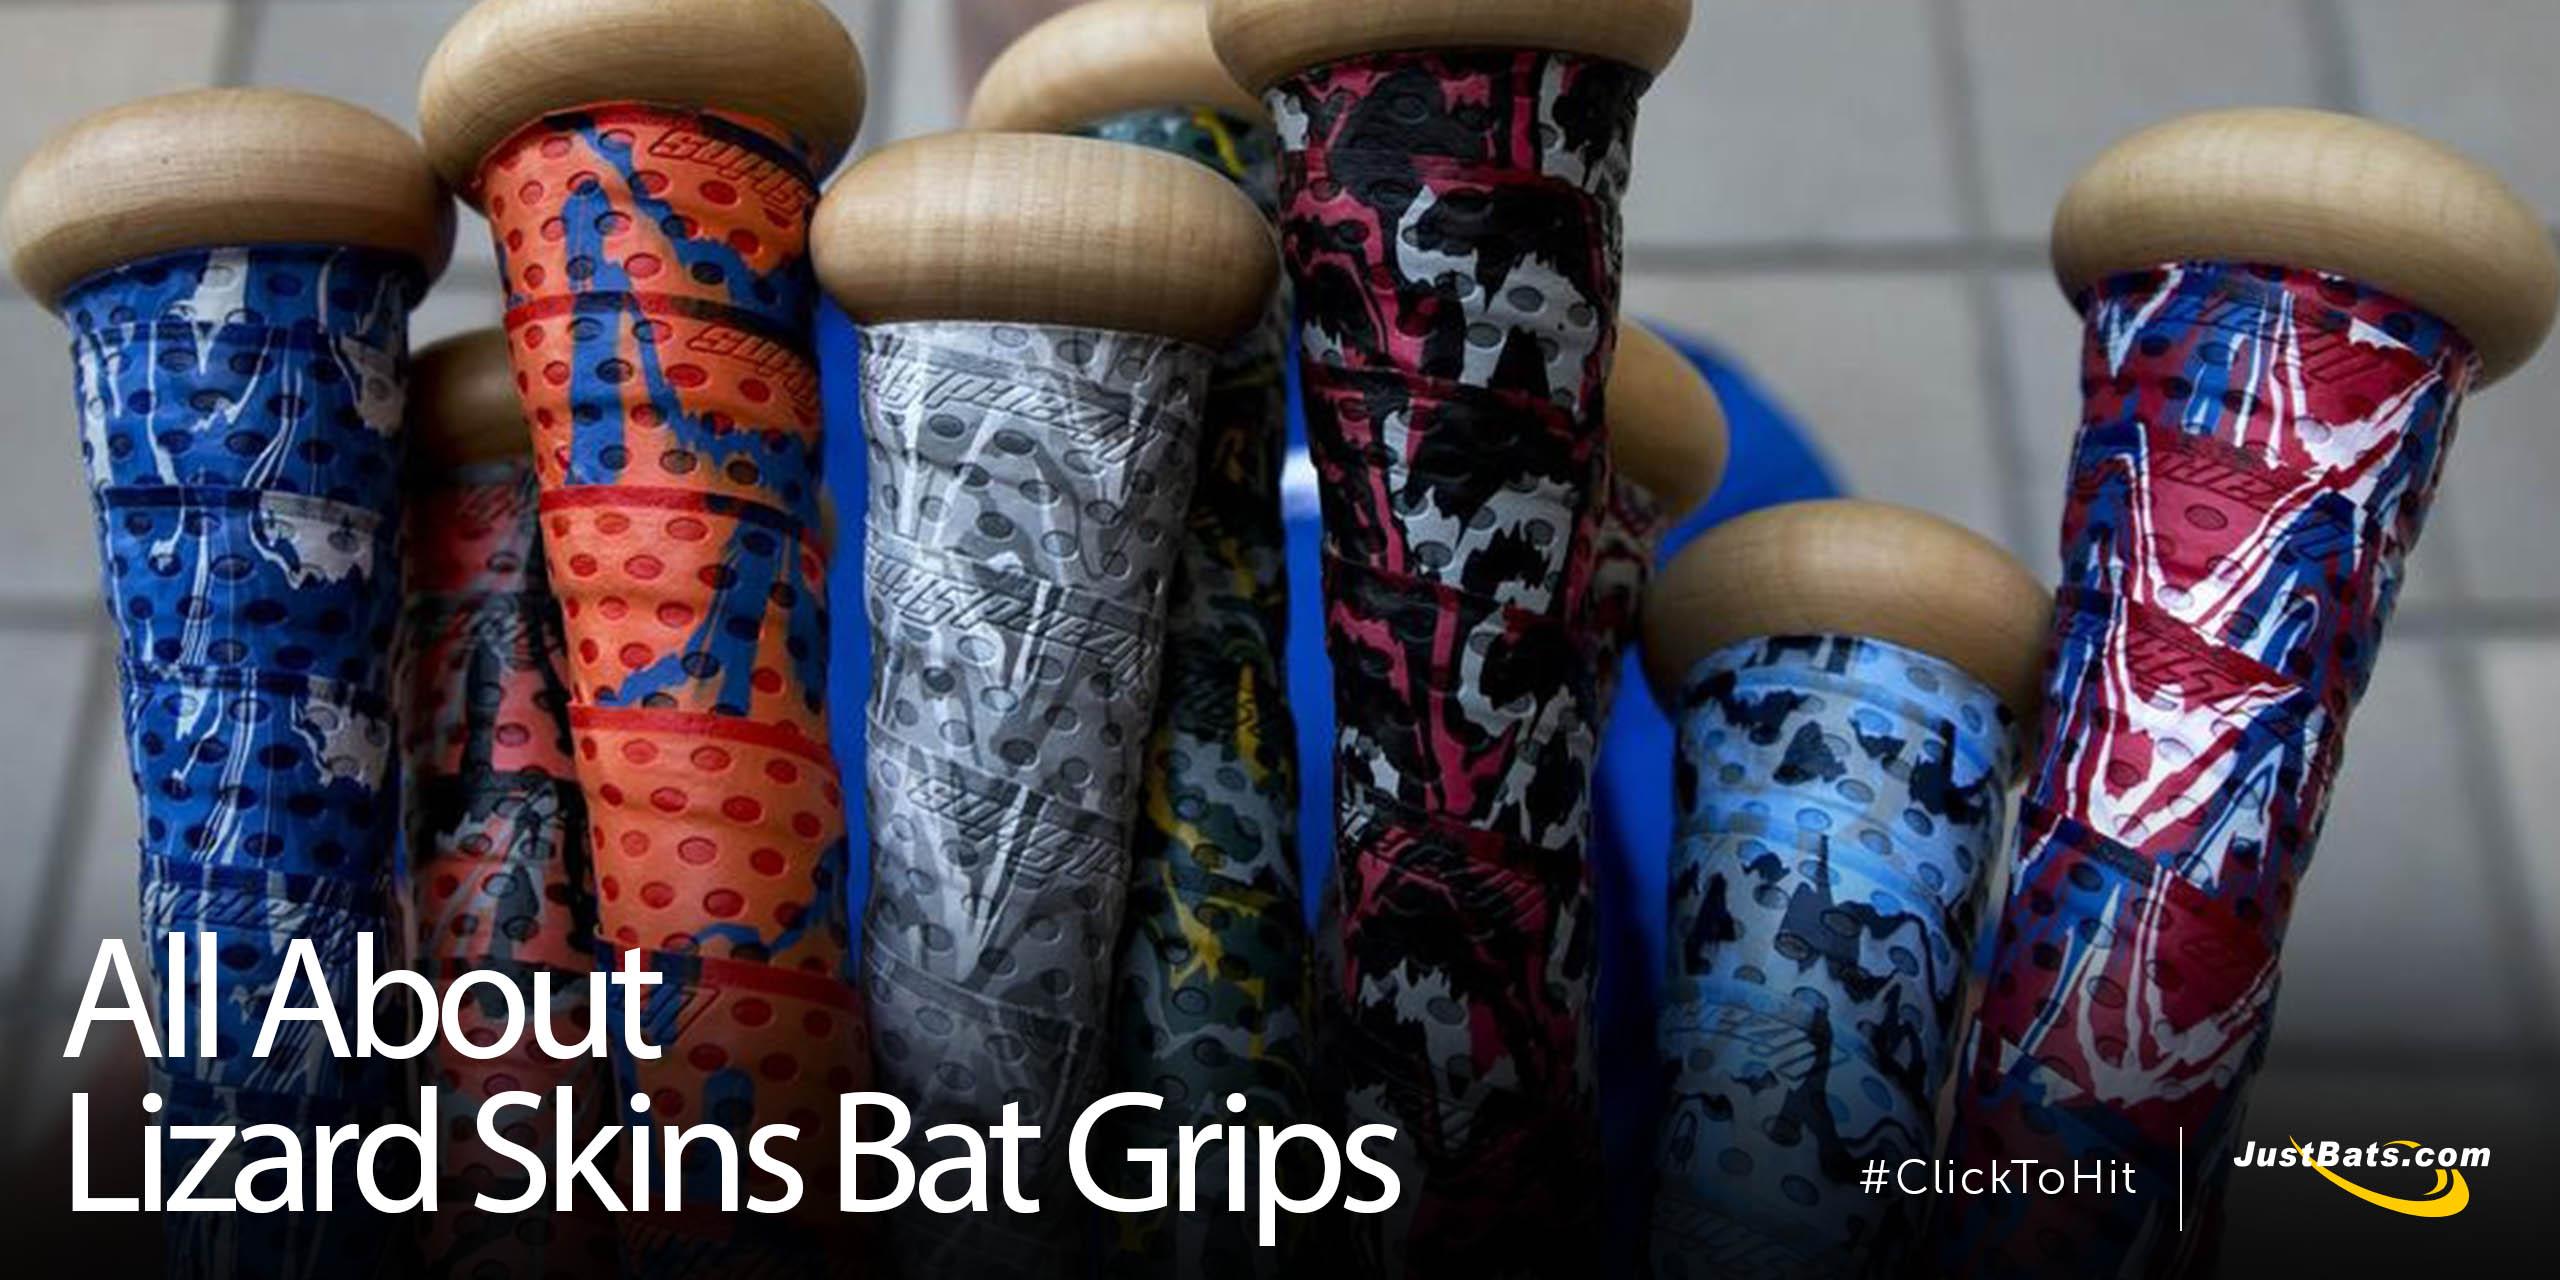 All About Lizard Skins Bat Grips - Blog.jpg